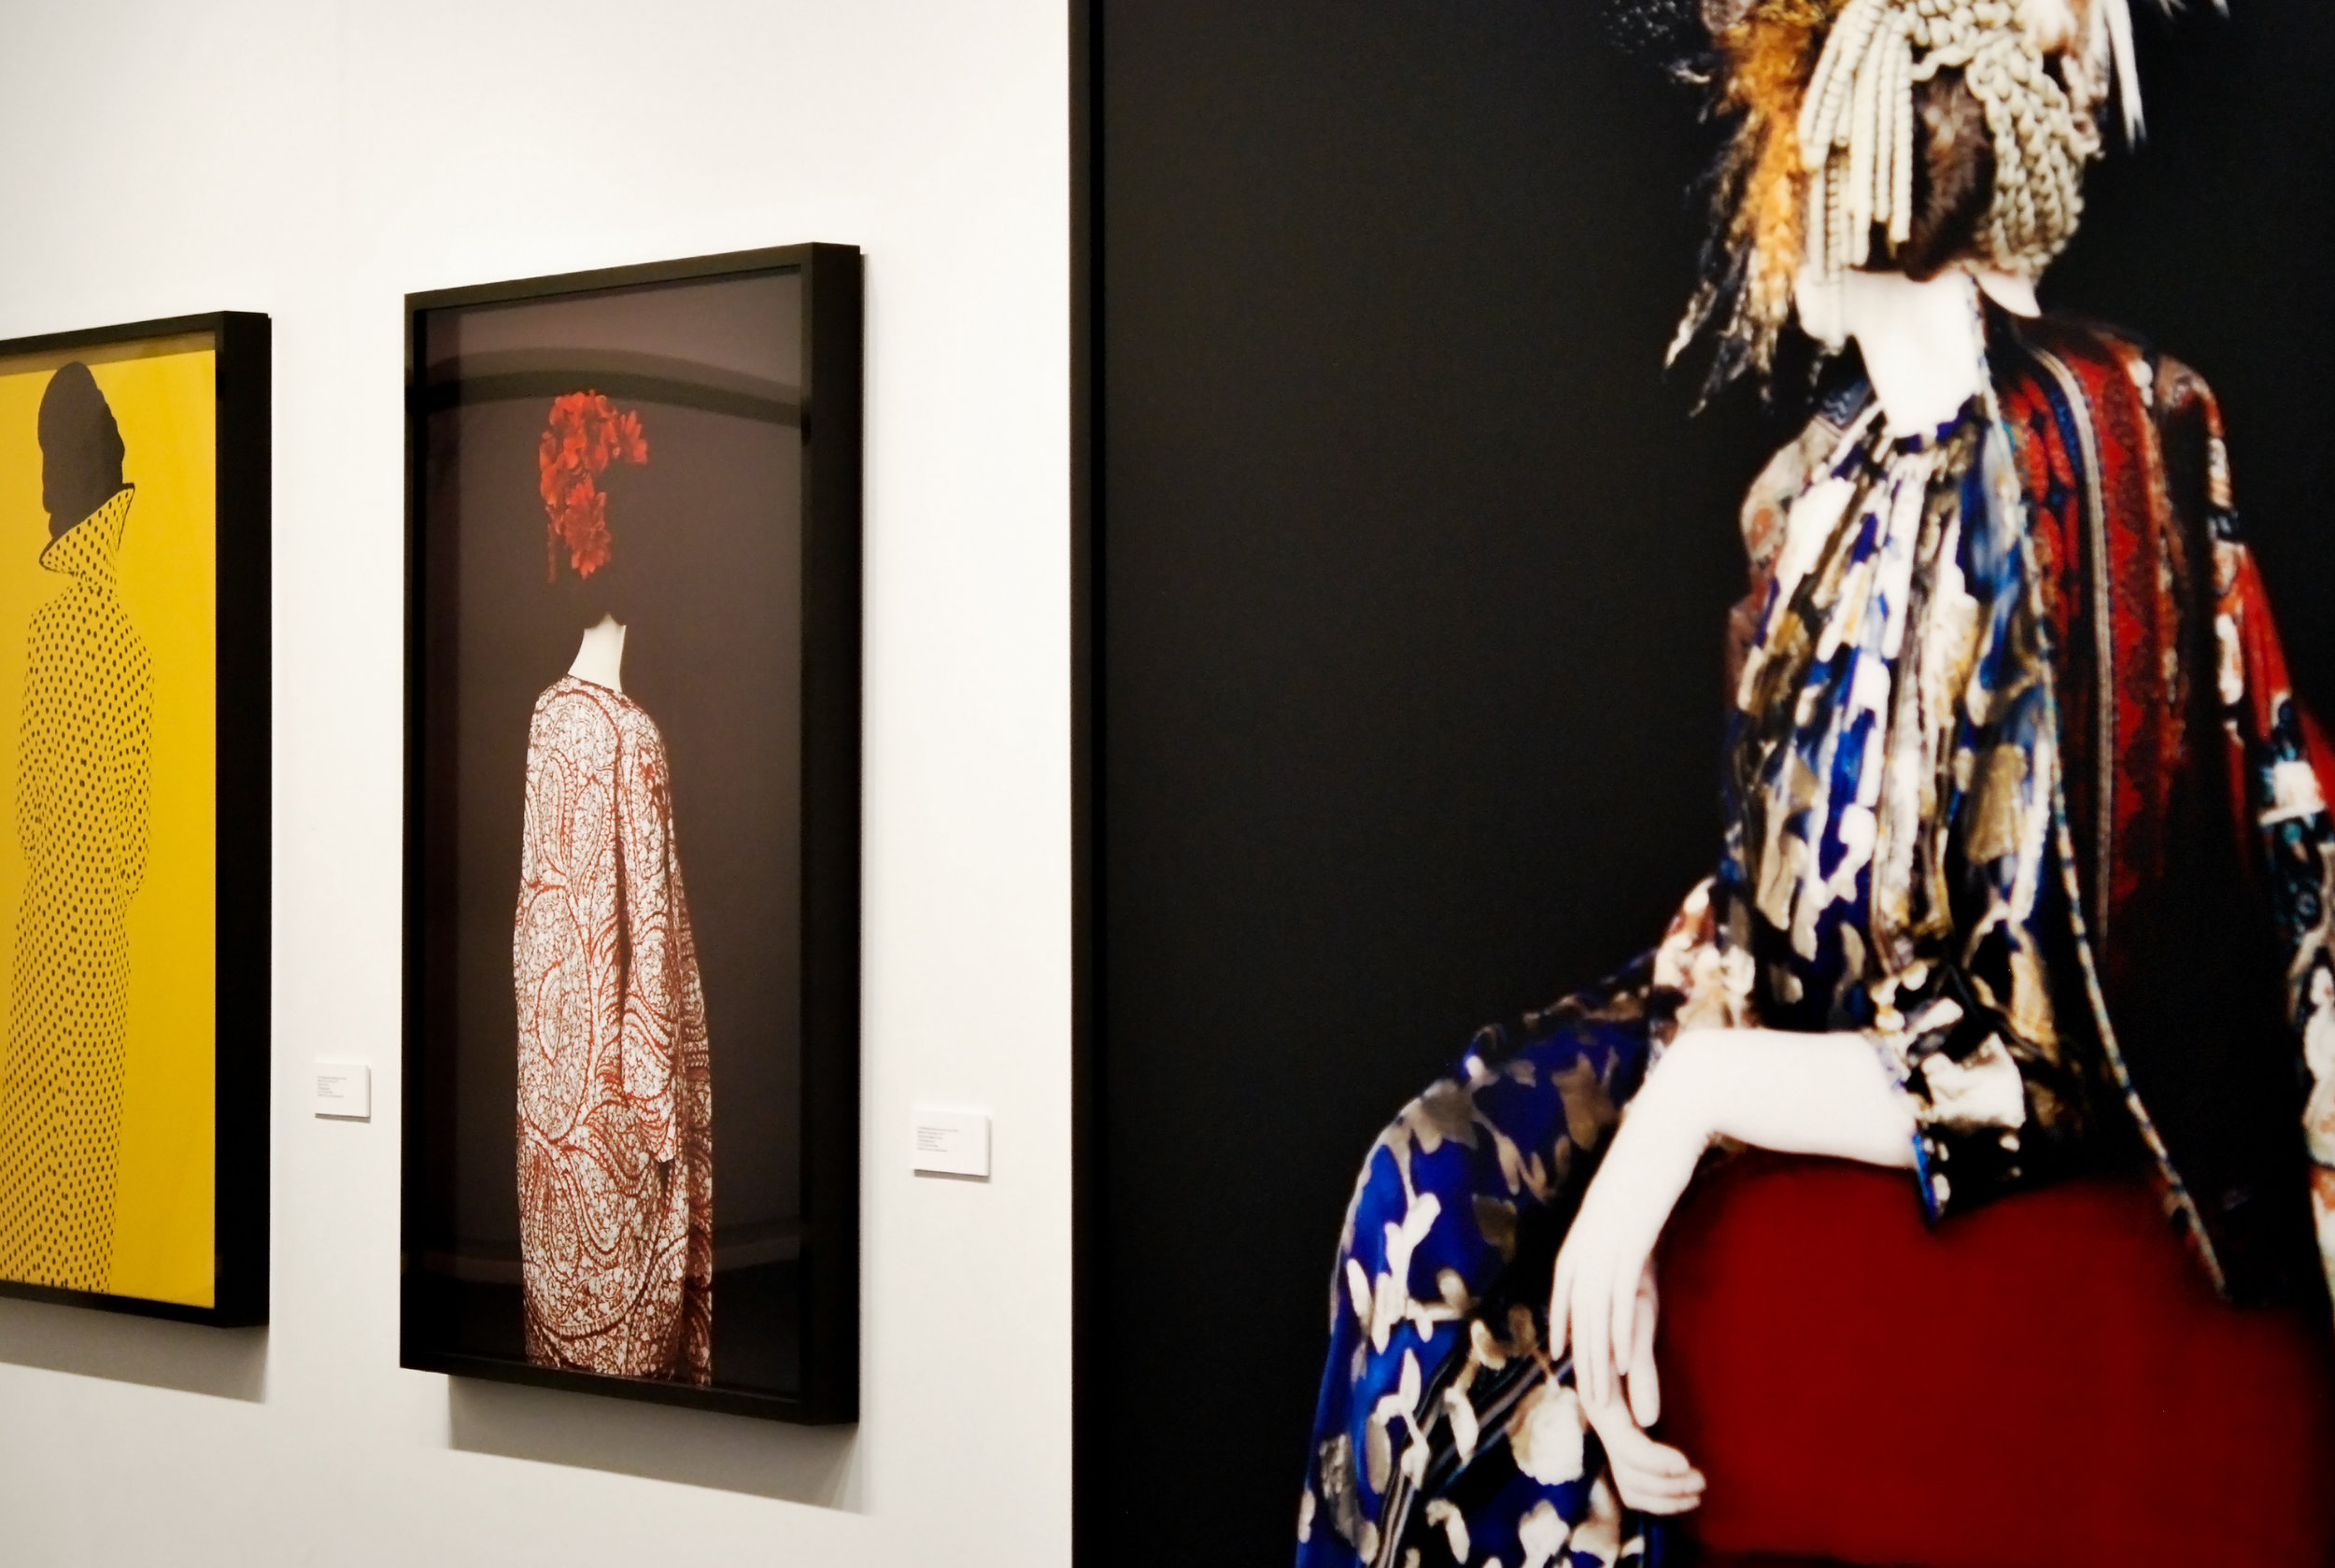 Works by Erik Madigan Heck,  Weinstein Hammons Gallery